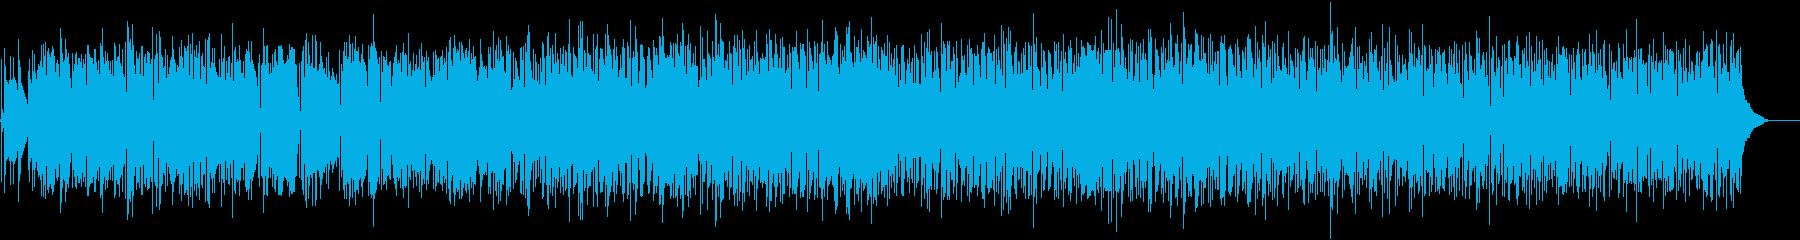 軽快で躍動的なサルサ 踊りまくろう の再生済みの波形